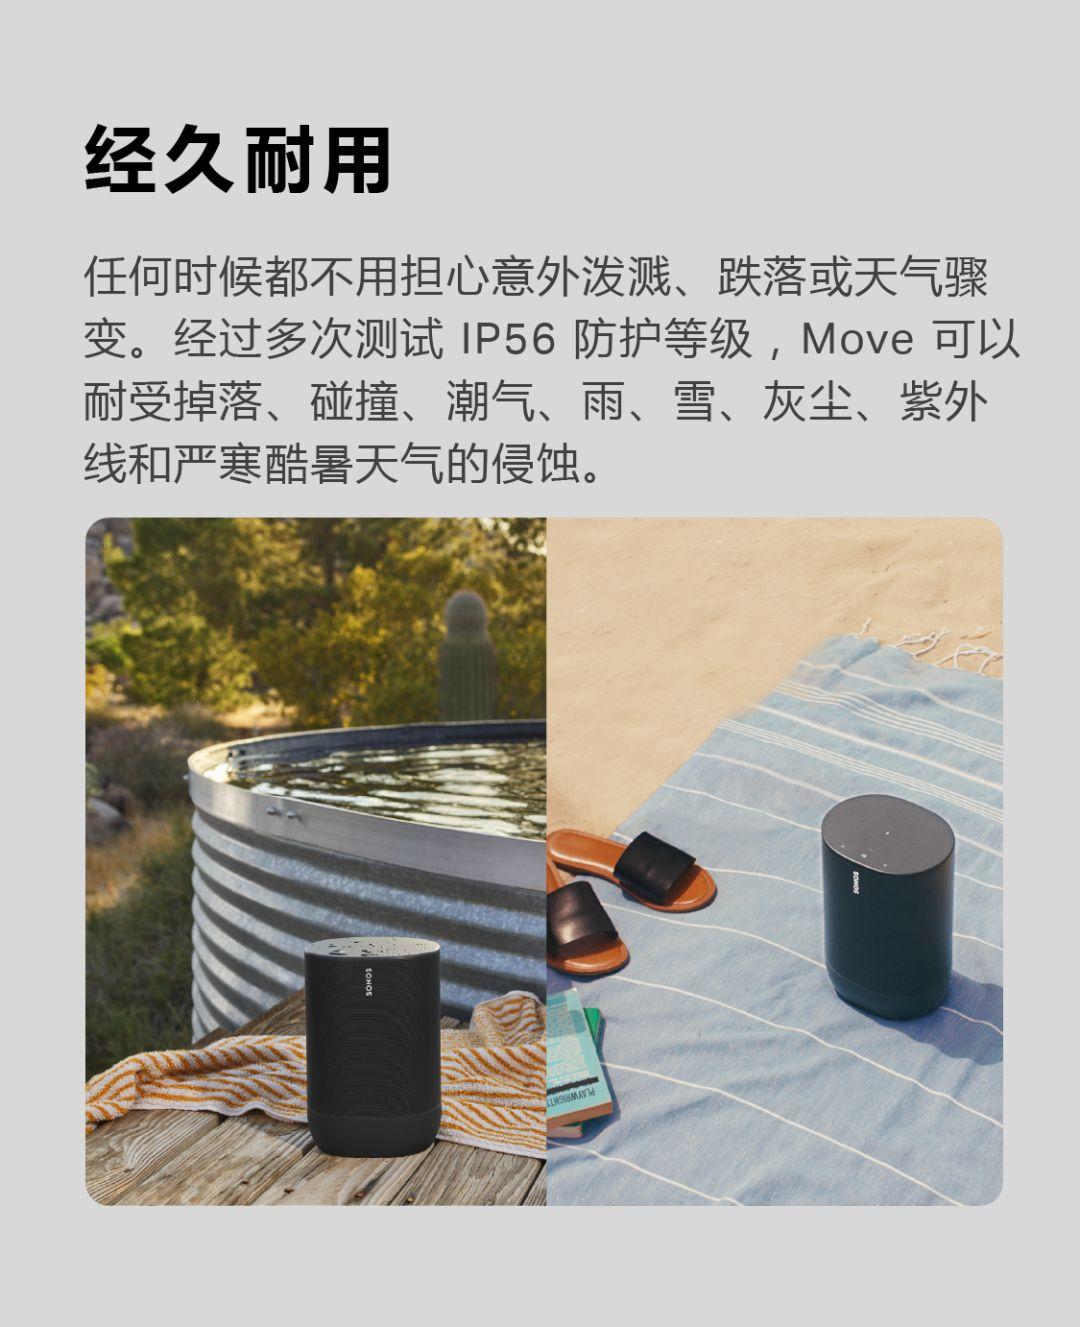 【全网首发】Sonos Move免费试用,评测